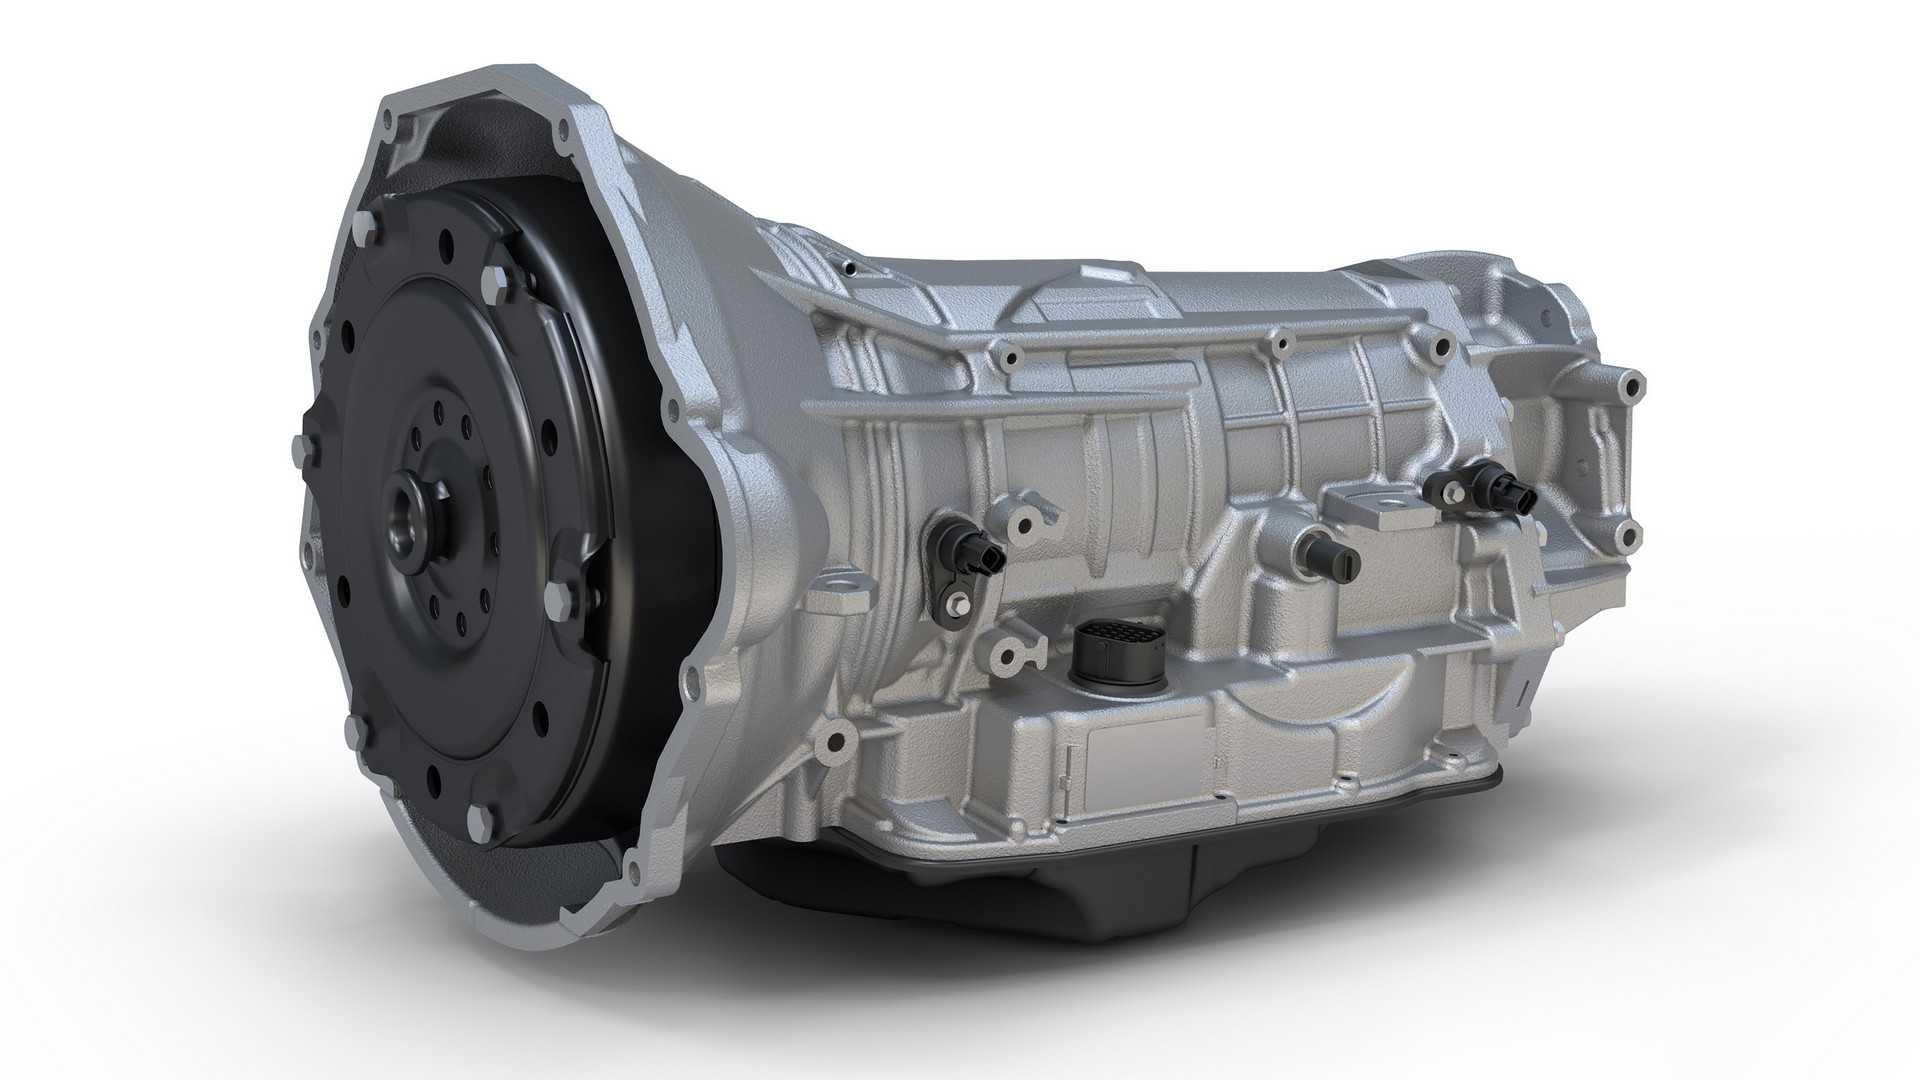 2019-ram-heavy-duty-powertrain-technologies (4)